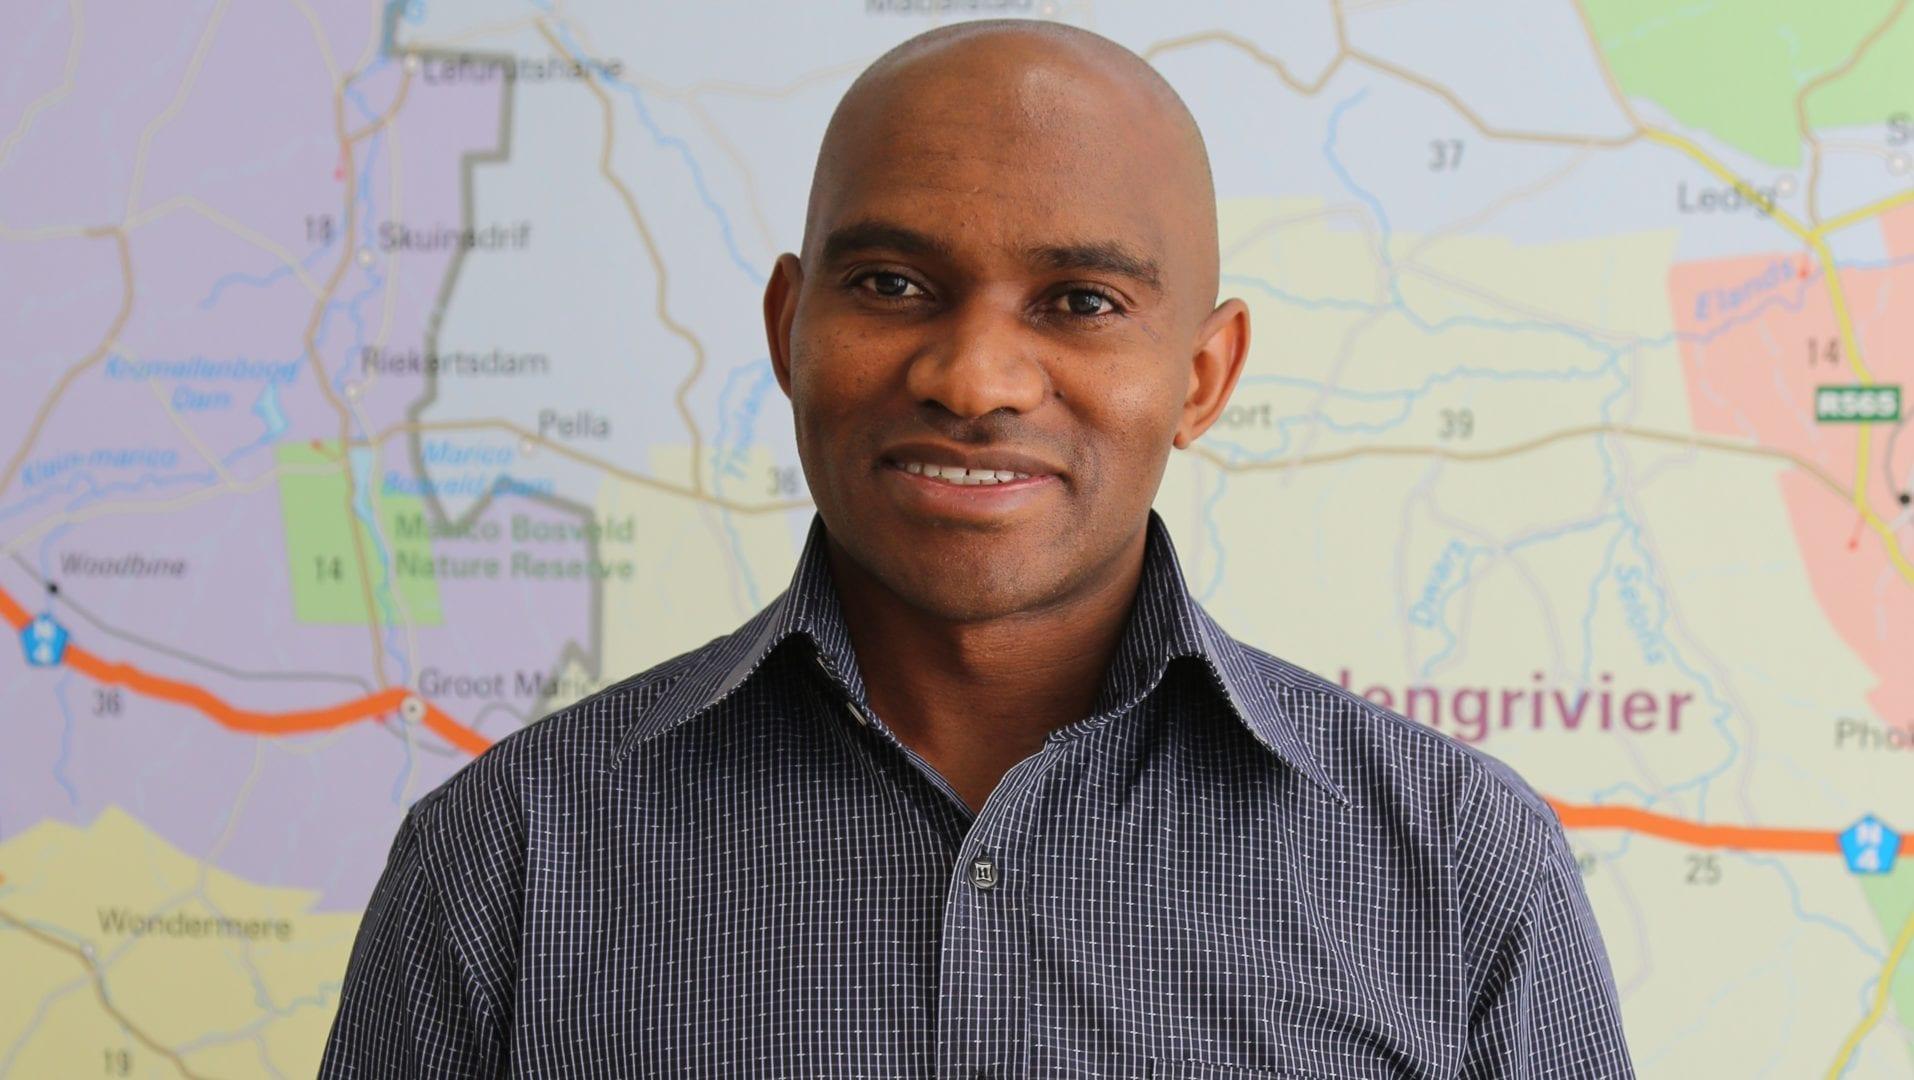 Bakwena and its community